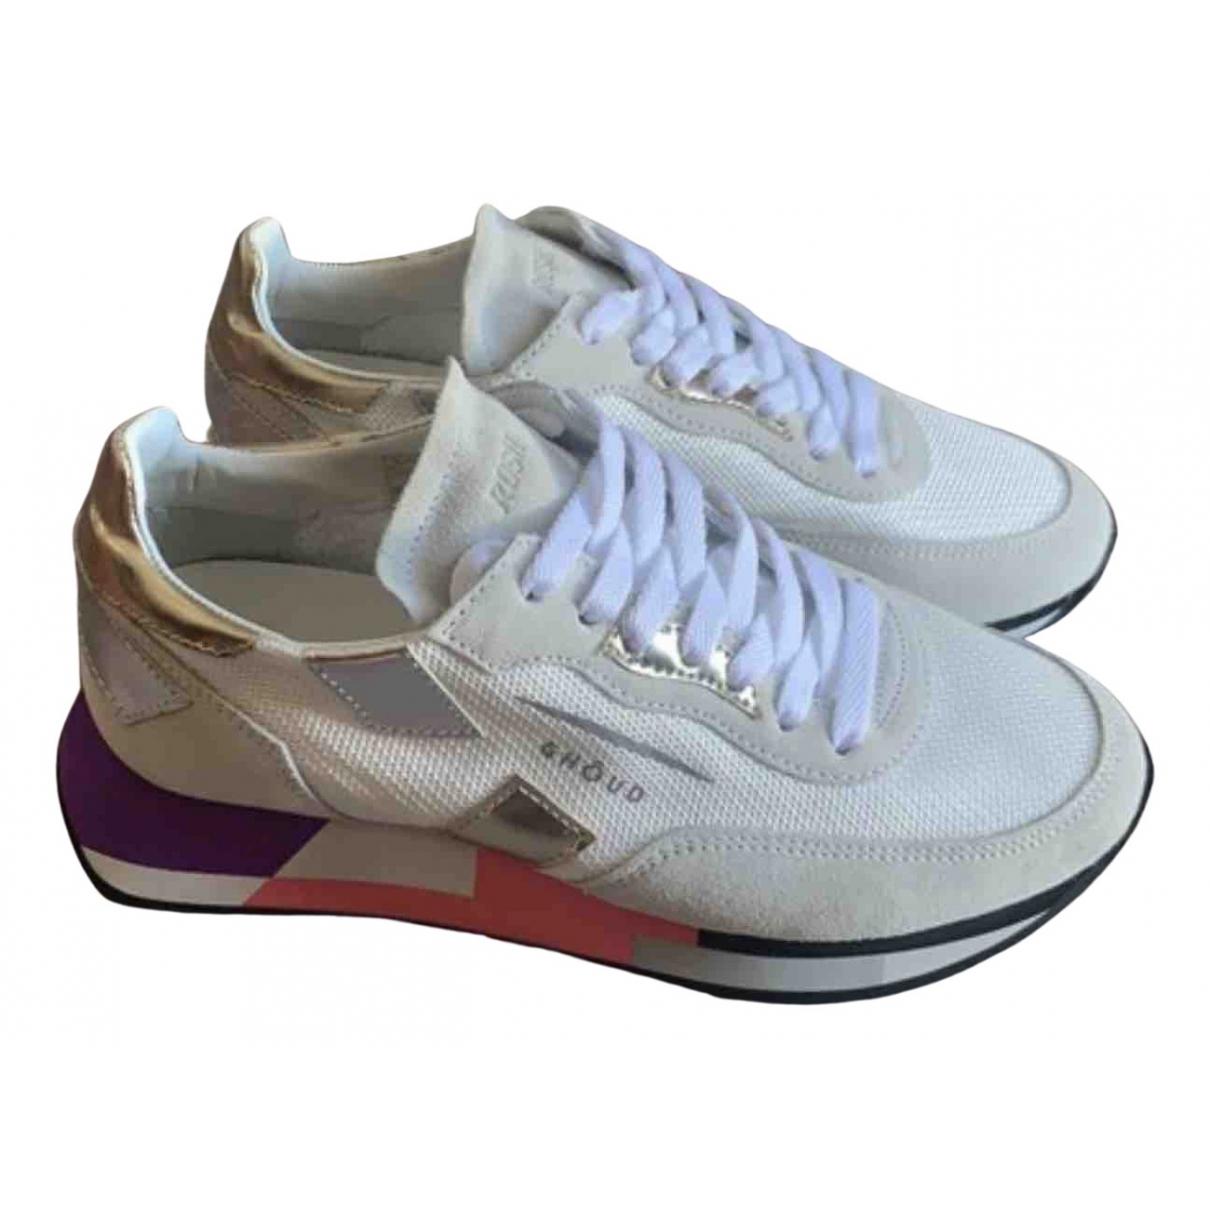 Ghoud \N Sneakers in  Weiss Leinen